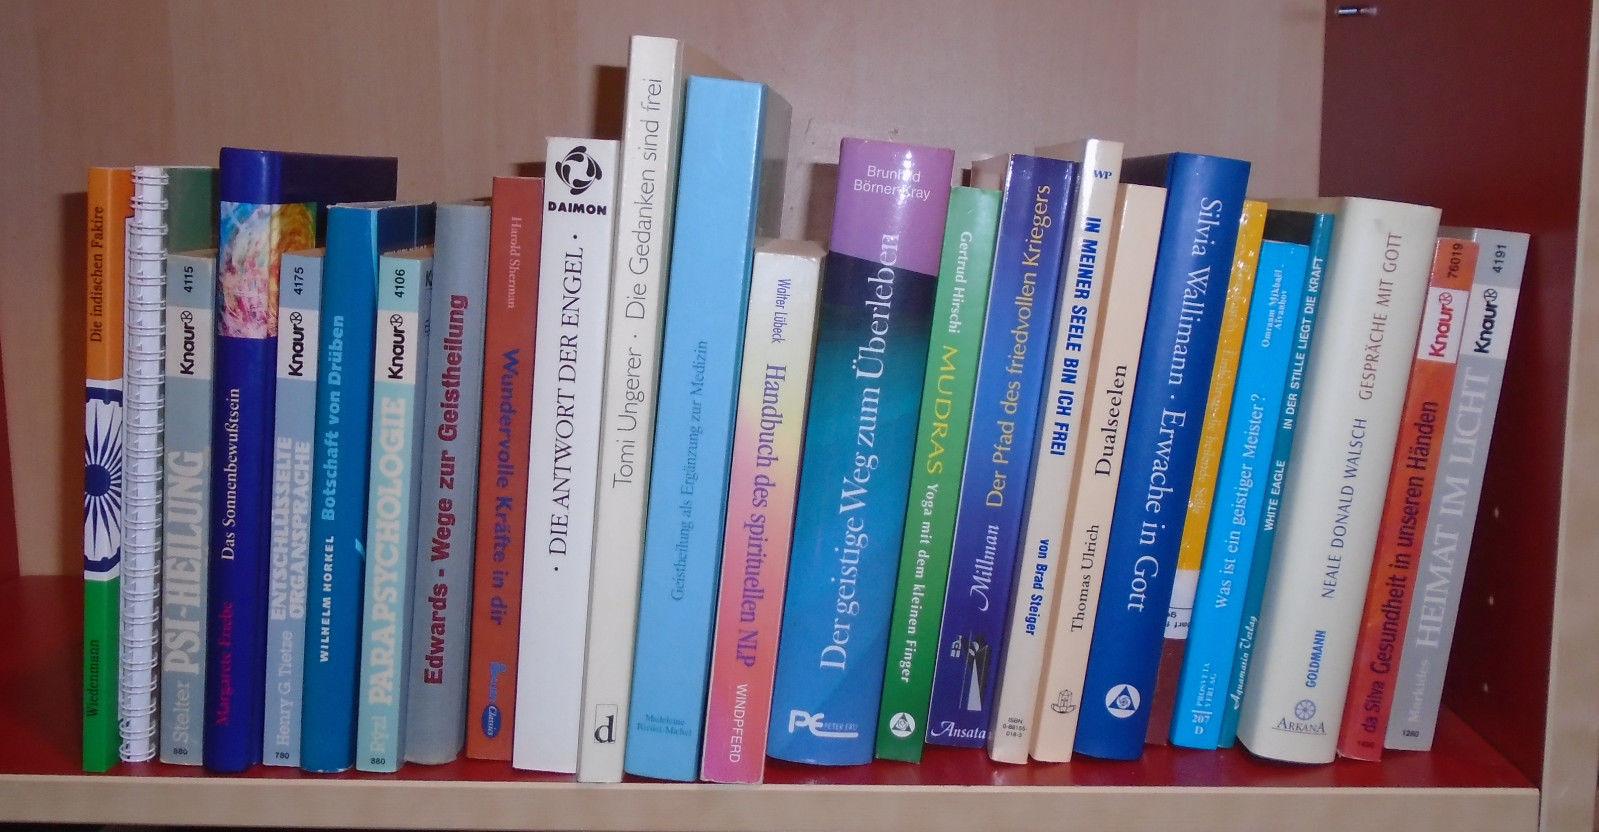 24 Bücher über Esoterik/Geistheilung/Spiritualität etc.